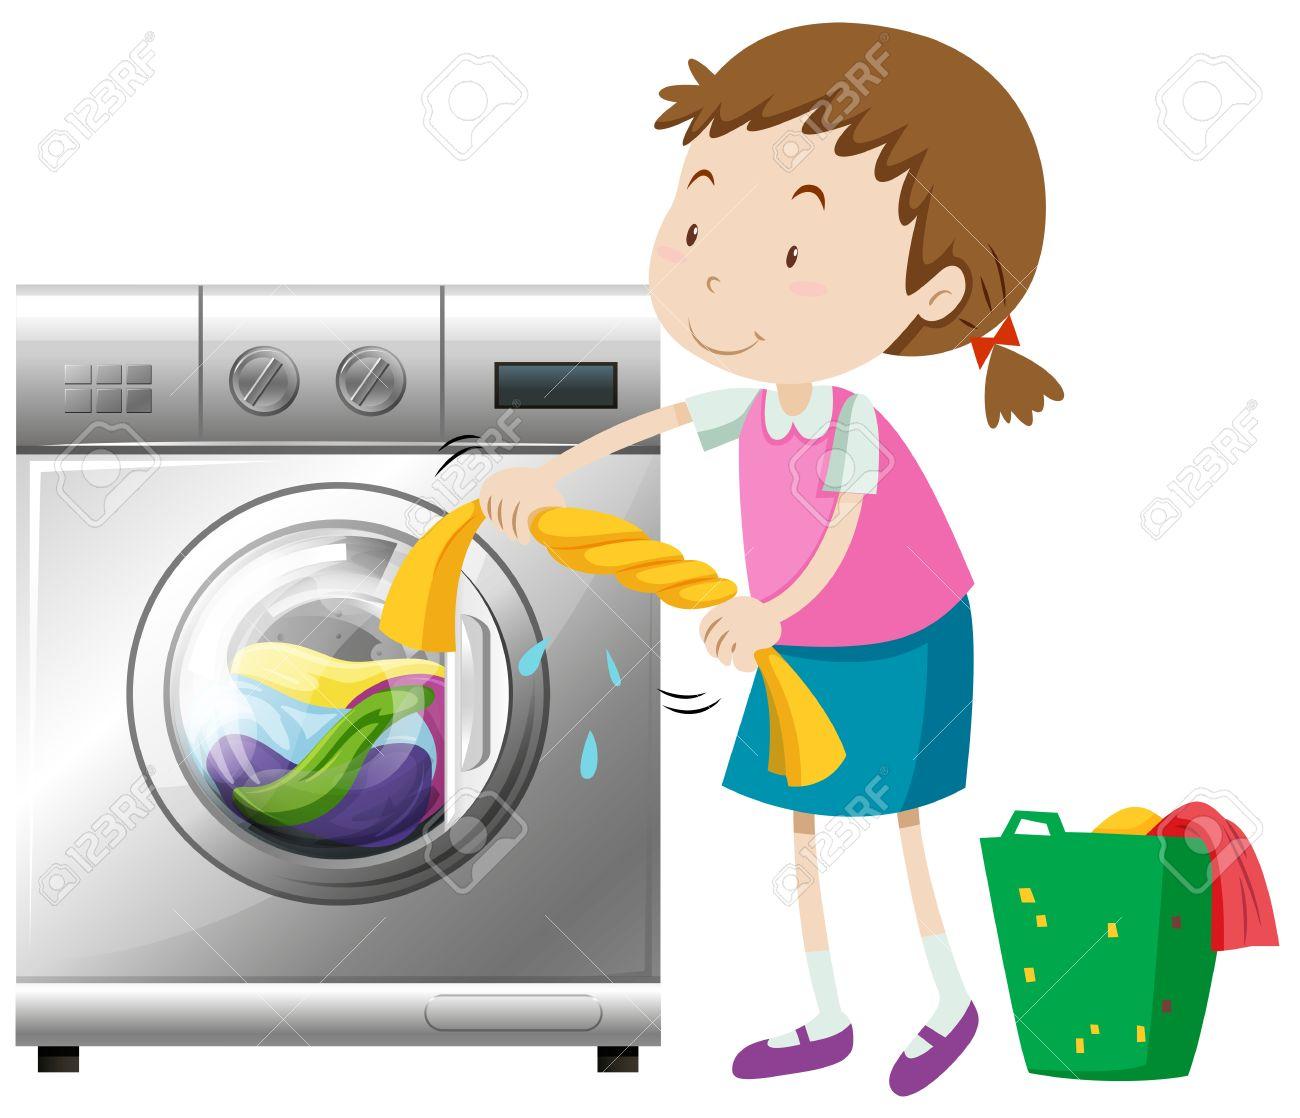 Girl doing laundry with washing machine illustration - 60662318